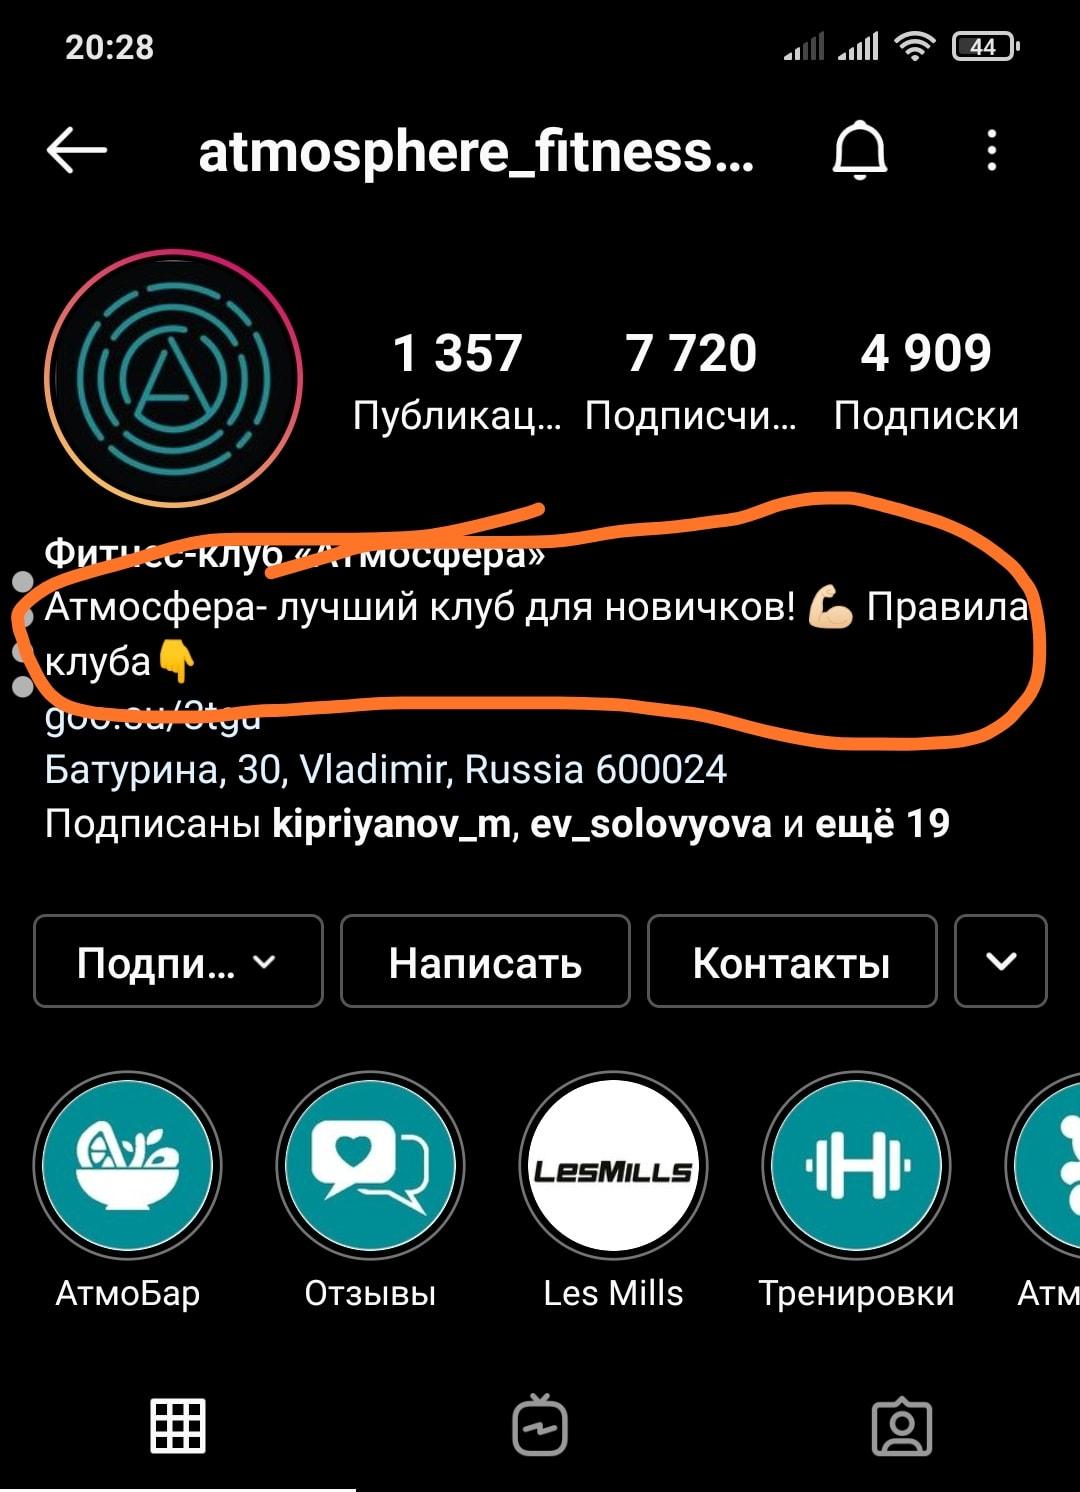 """Ядро позиционирования фитнес-клуба """"Атмосфера"""" во Владимире."""